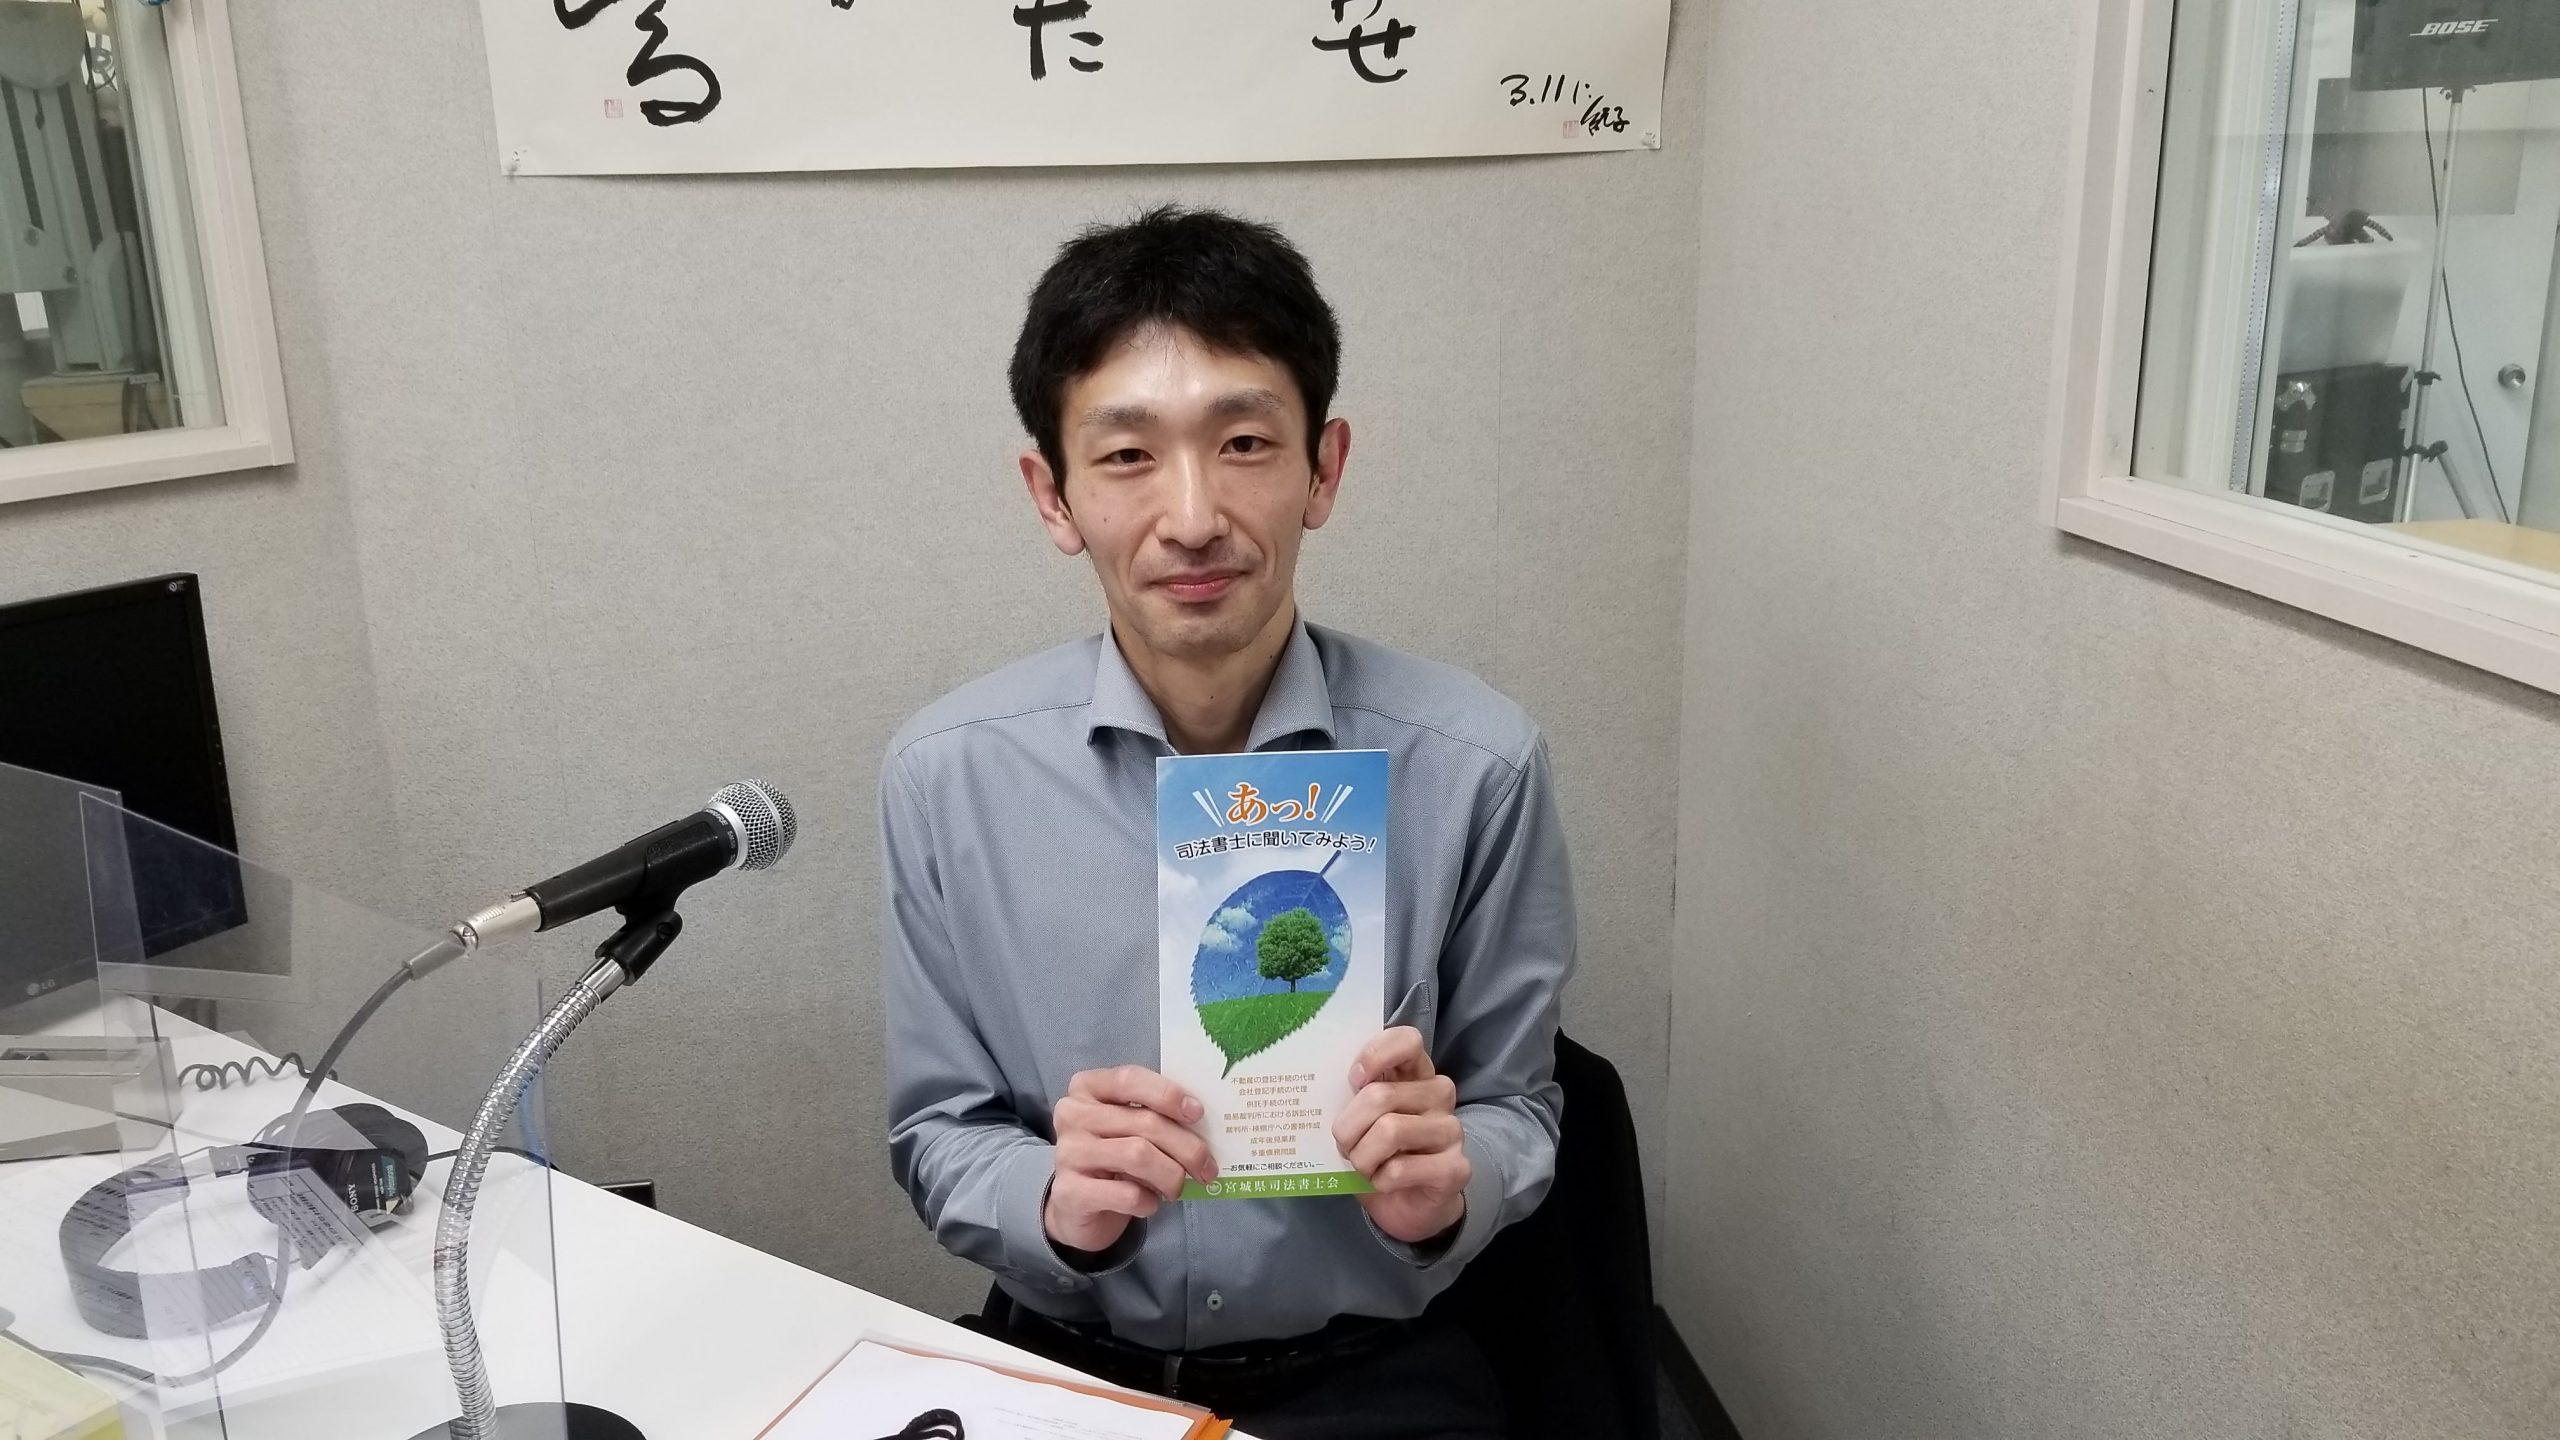 2021.5.27(木)放送 「実家が空き家になったら?~空き家法と空き家対策について」 管野章太郎会員